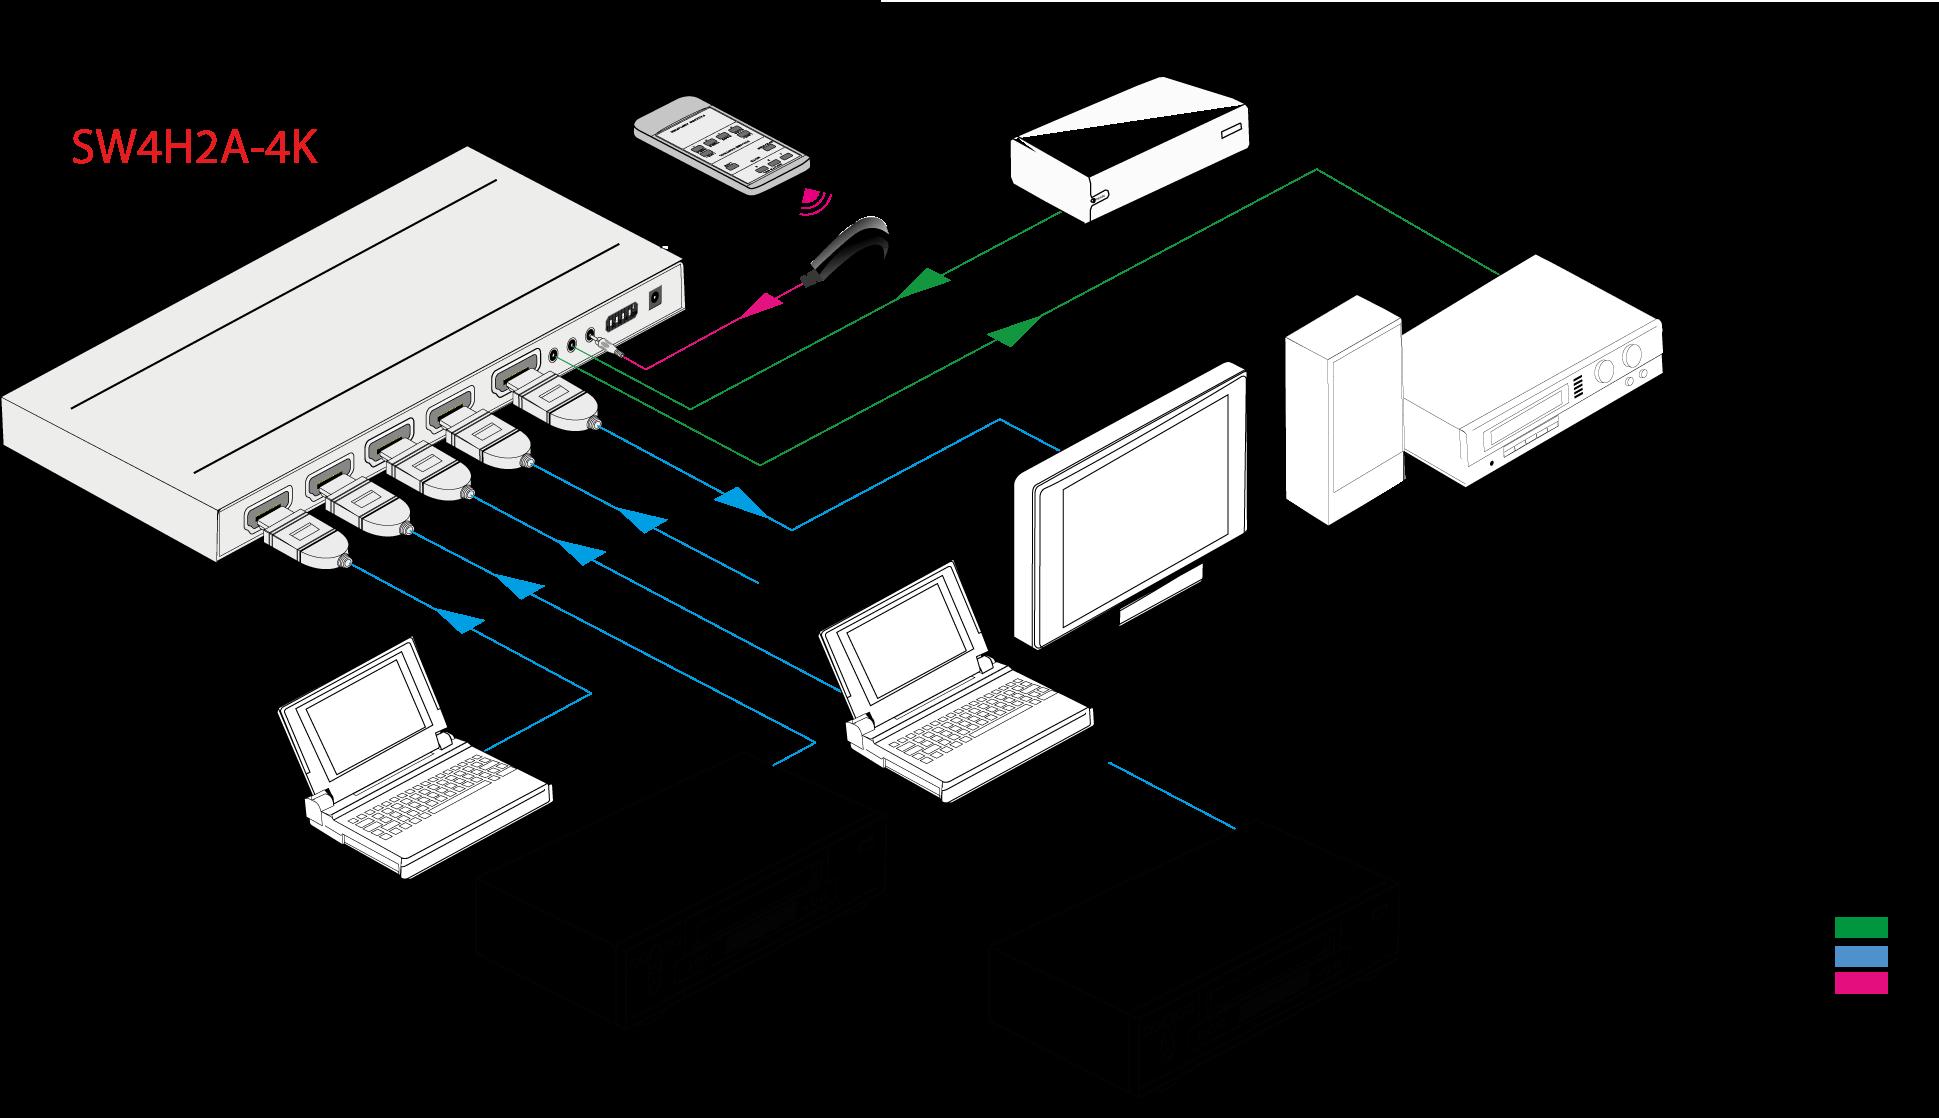 SW4H2A-4K - Sélecteur switcher 4x1 4K, désembeddeur